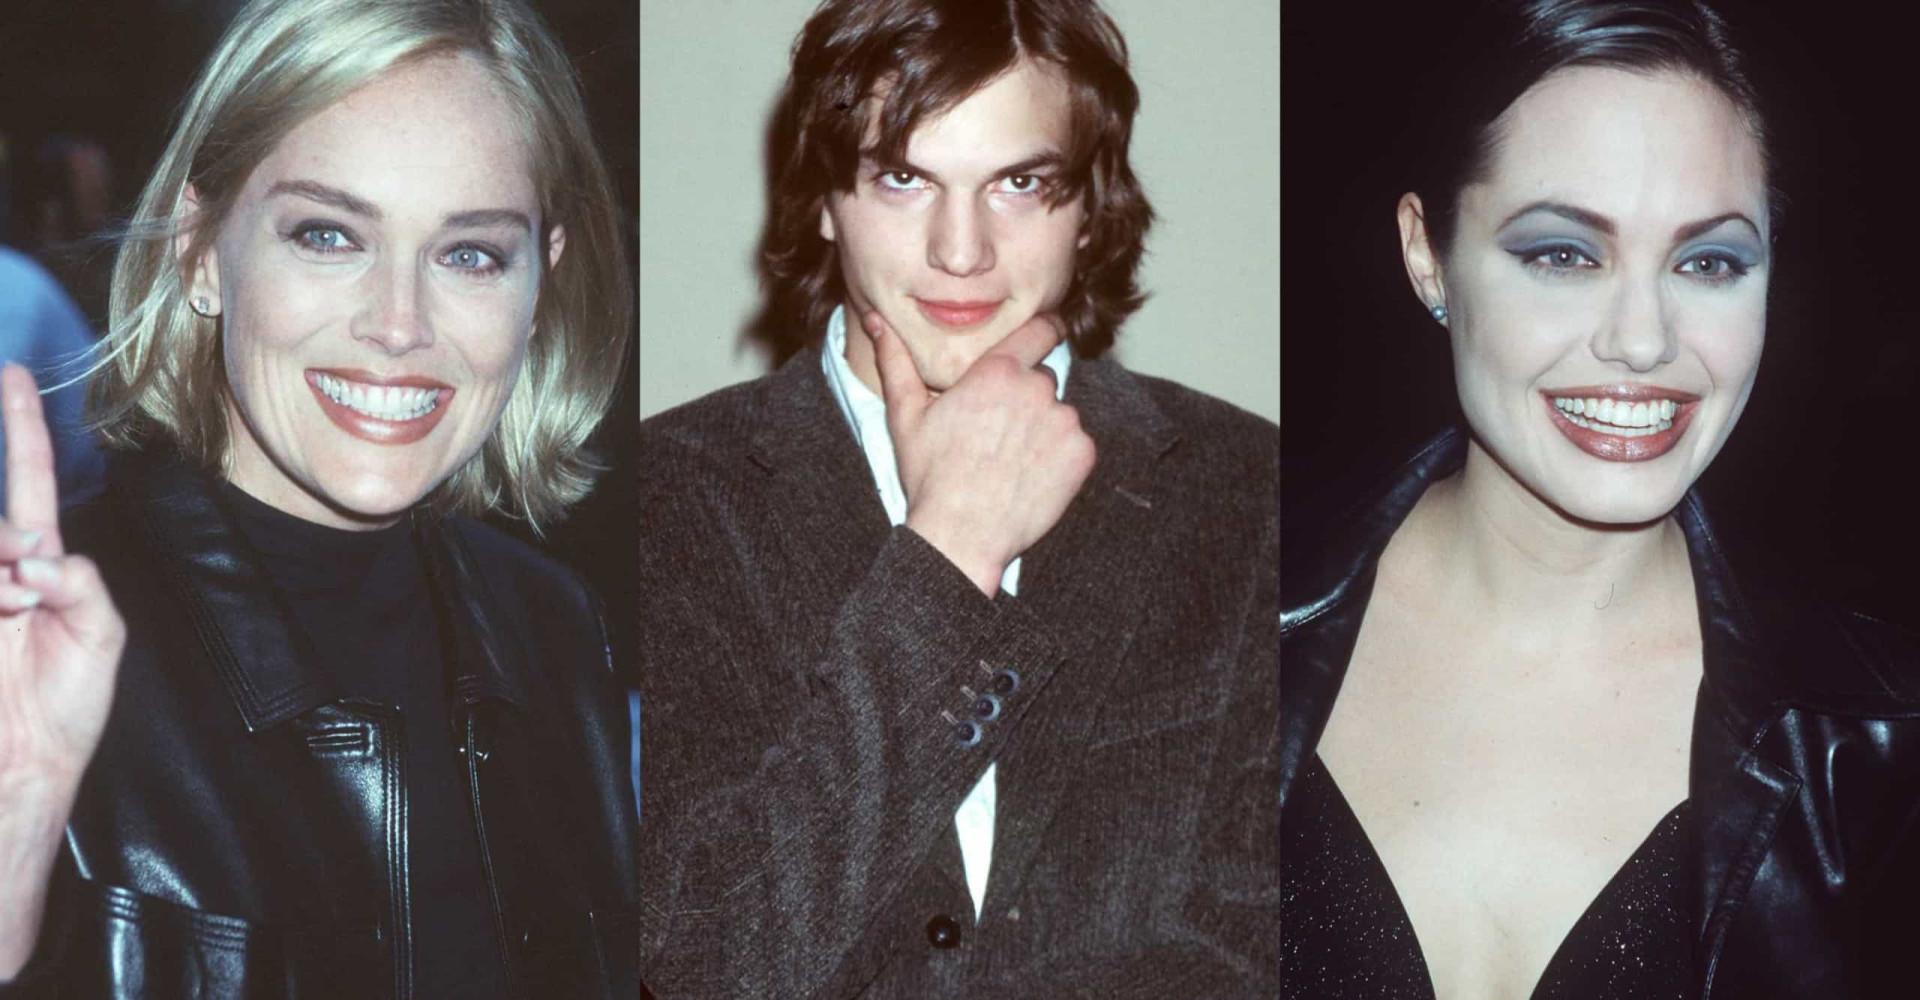 Avant de devenir acteurs, ils ont été mannequins